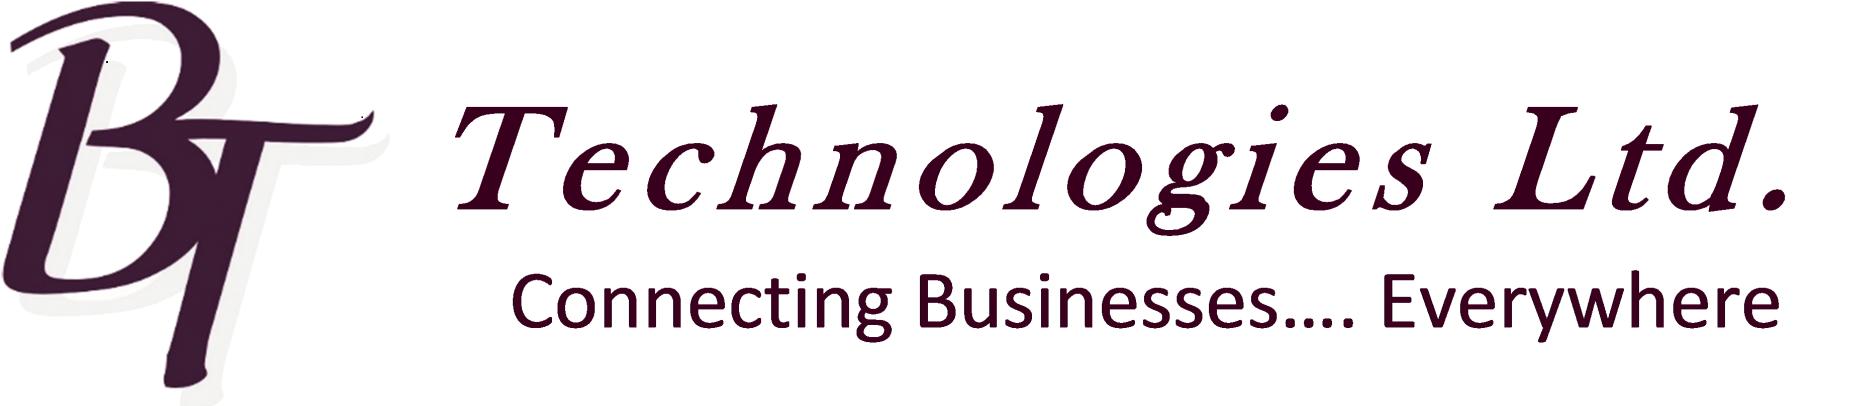 BT Technologies Ltd